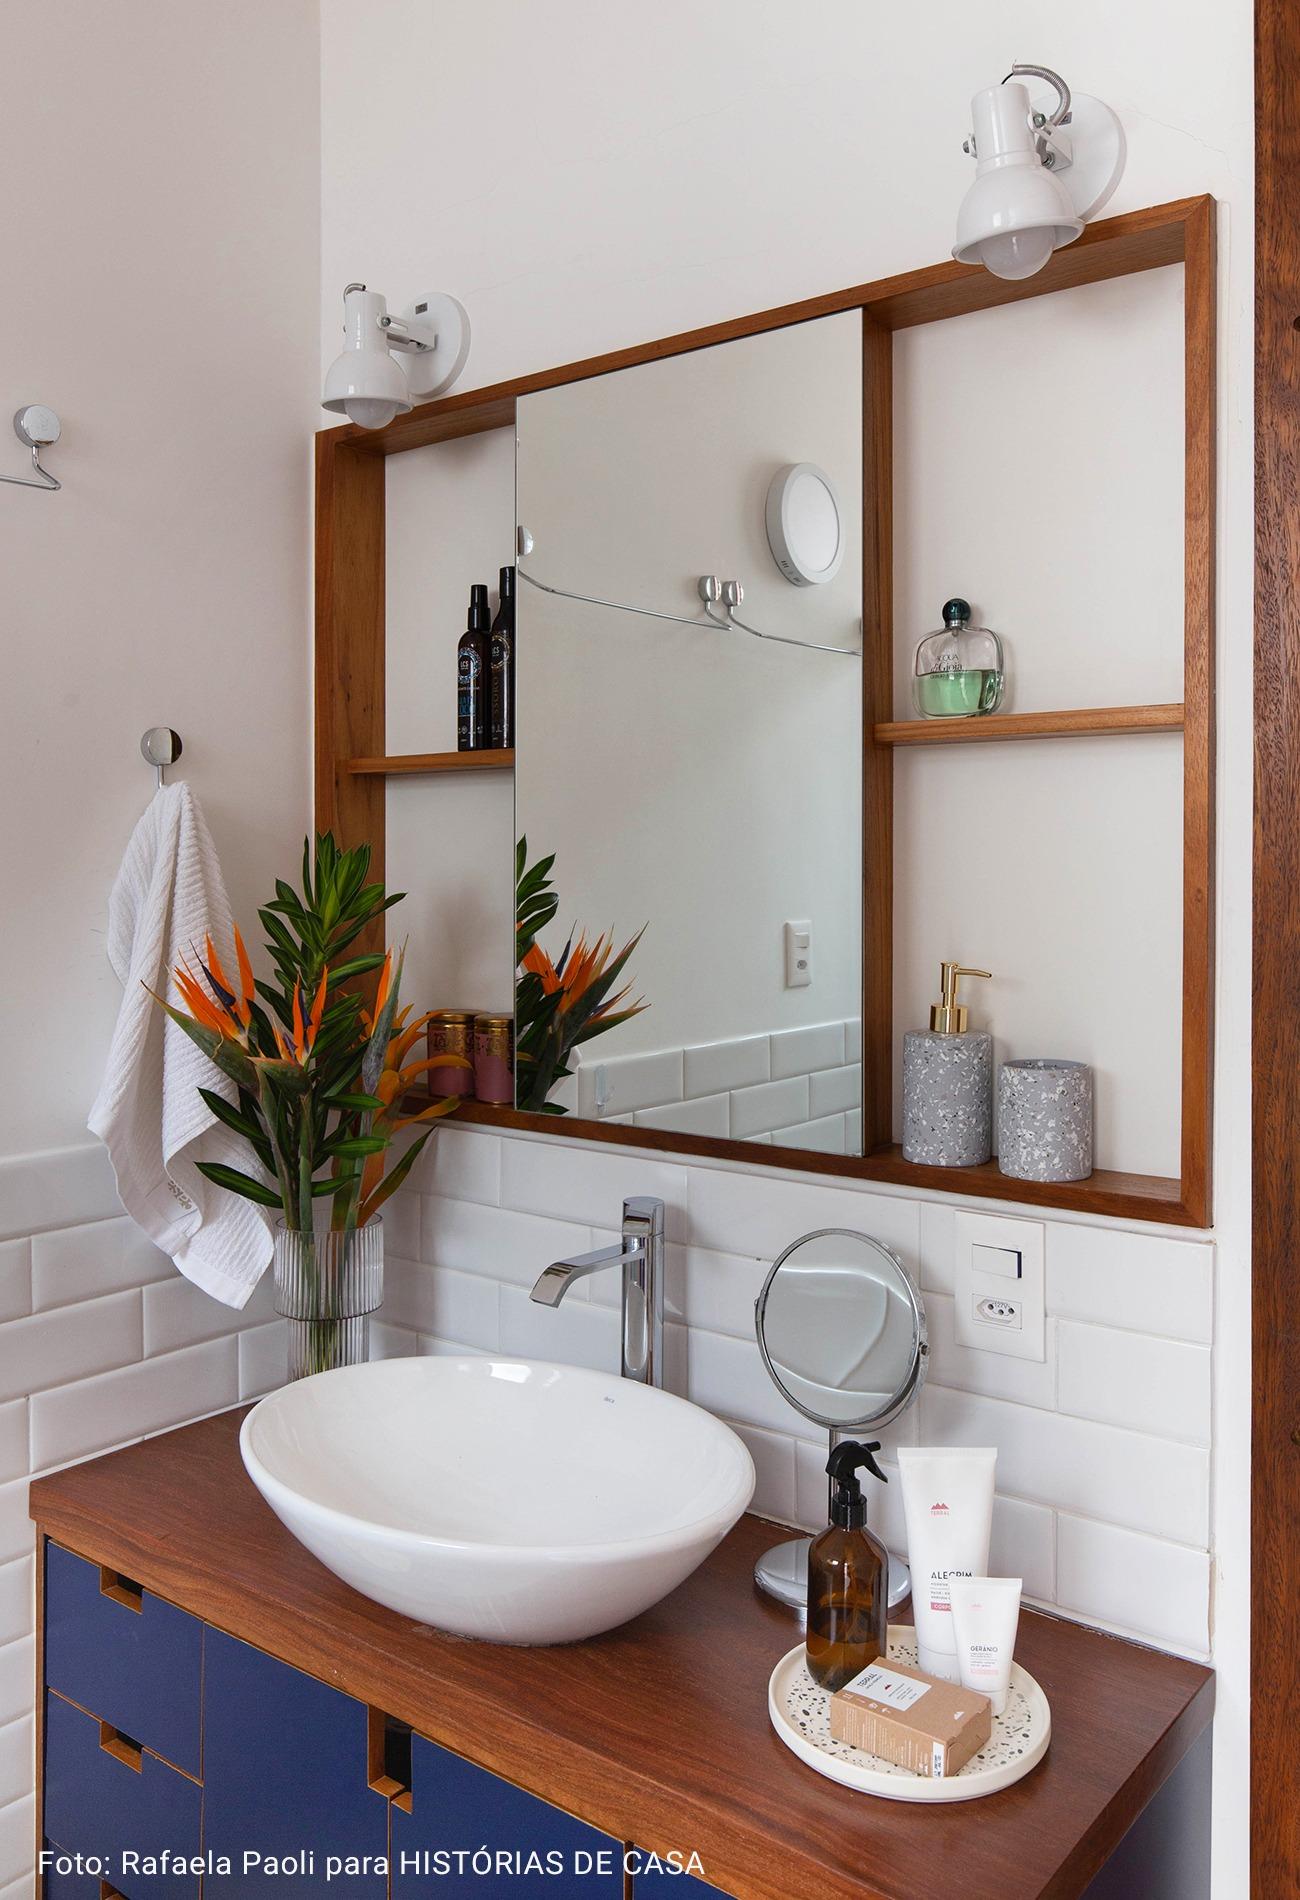 banheiro com madeira de demolição